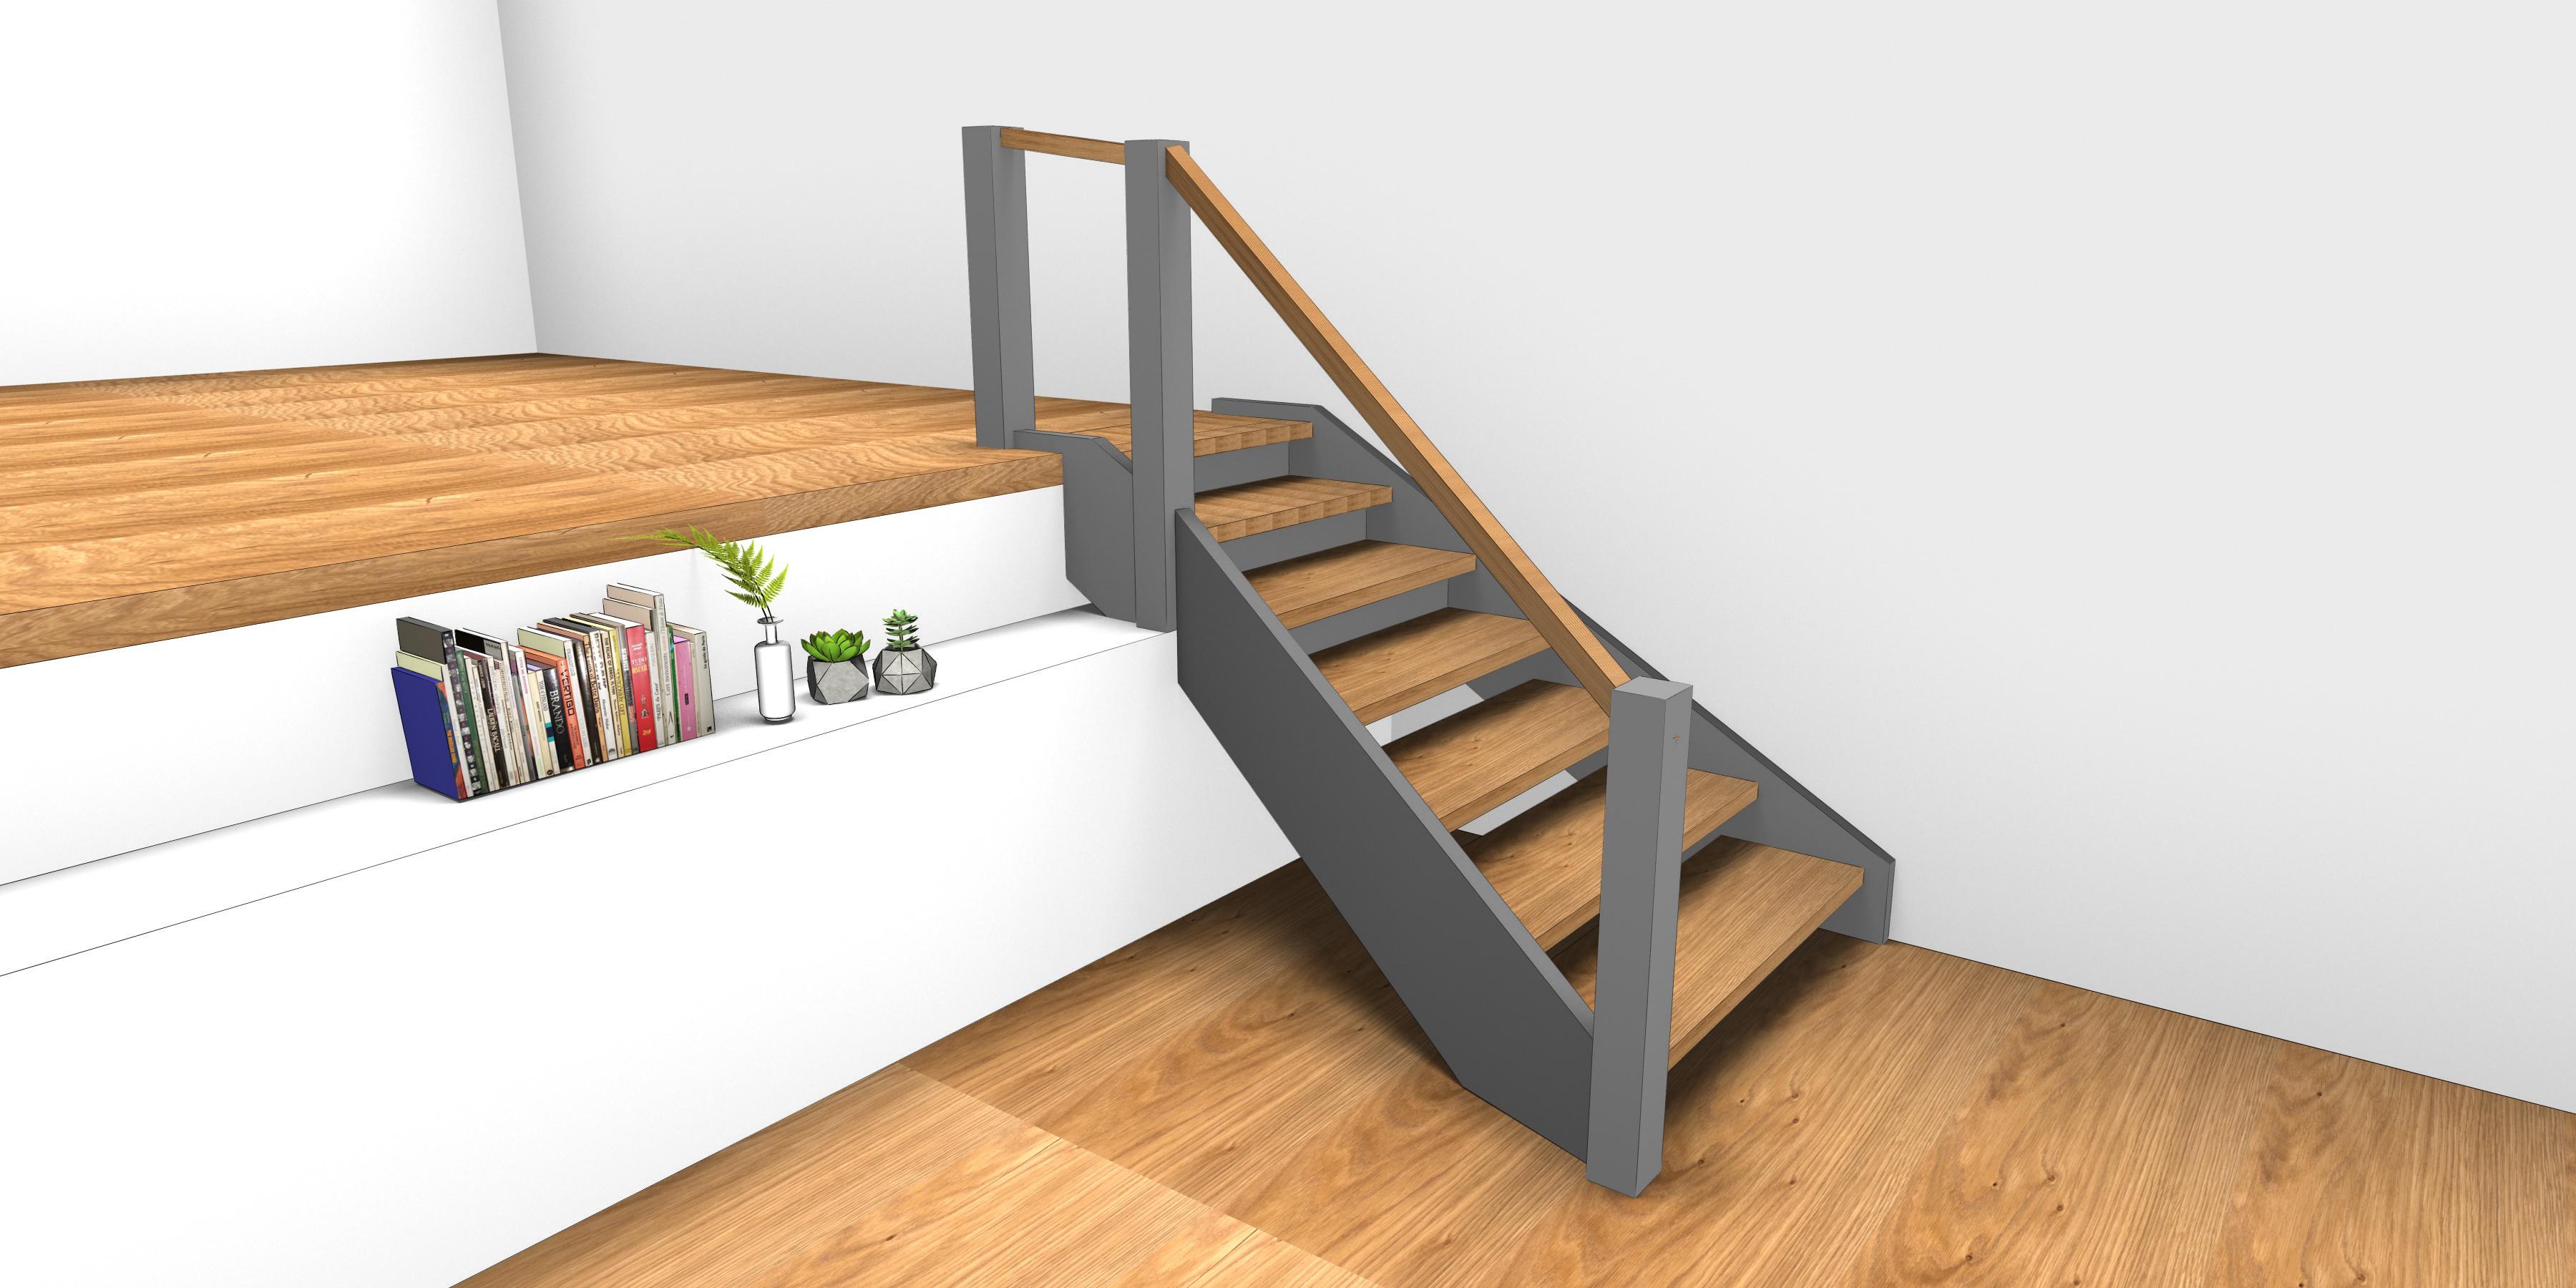 Treppe, Rendering, Entwurf, Innenarchitektur, Konstruktion, Schreiner